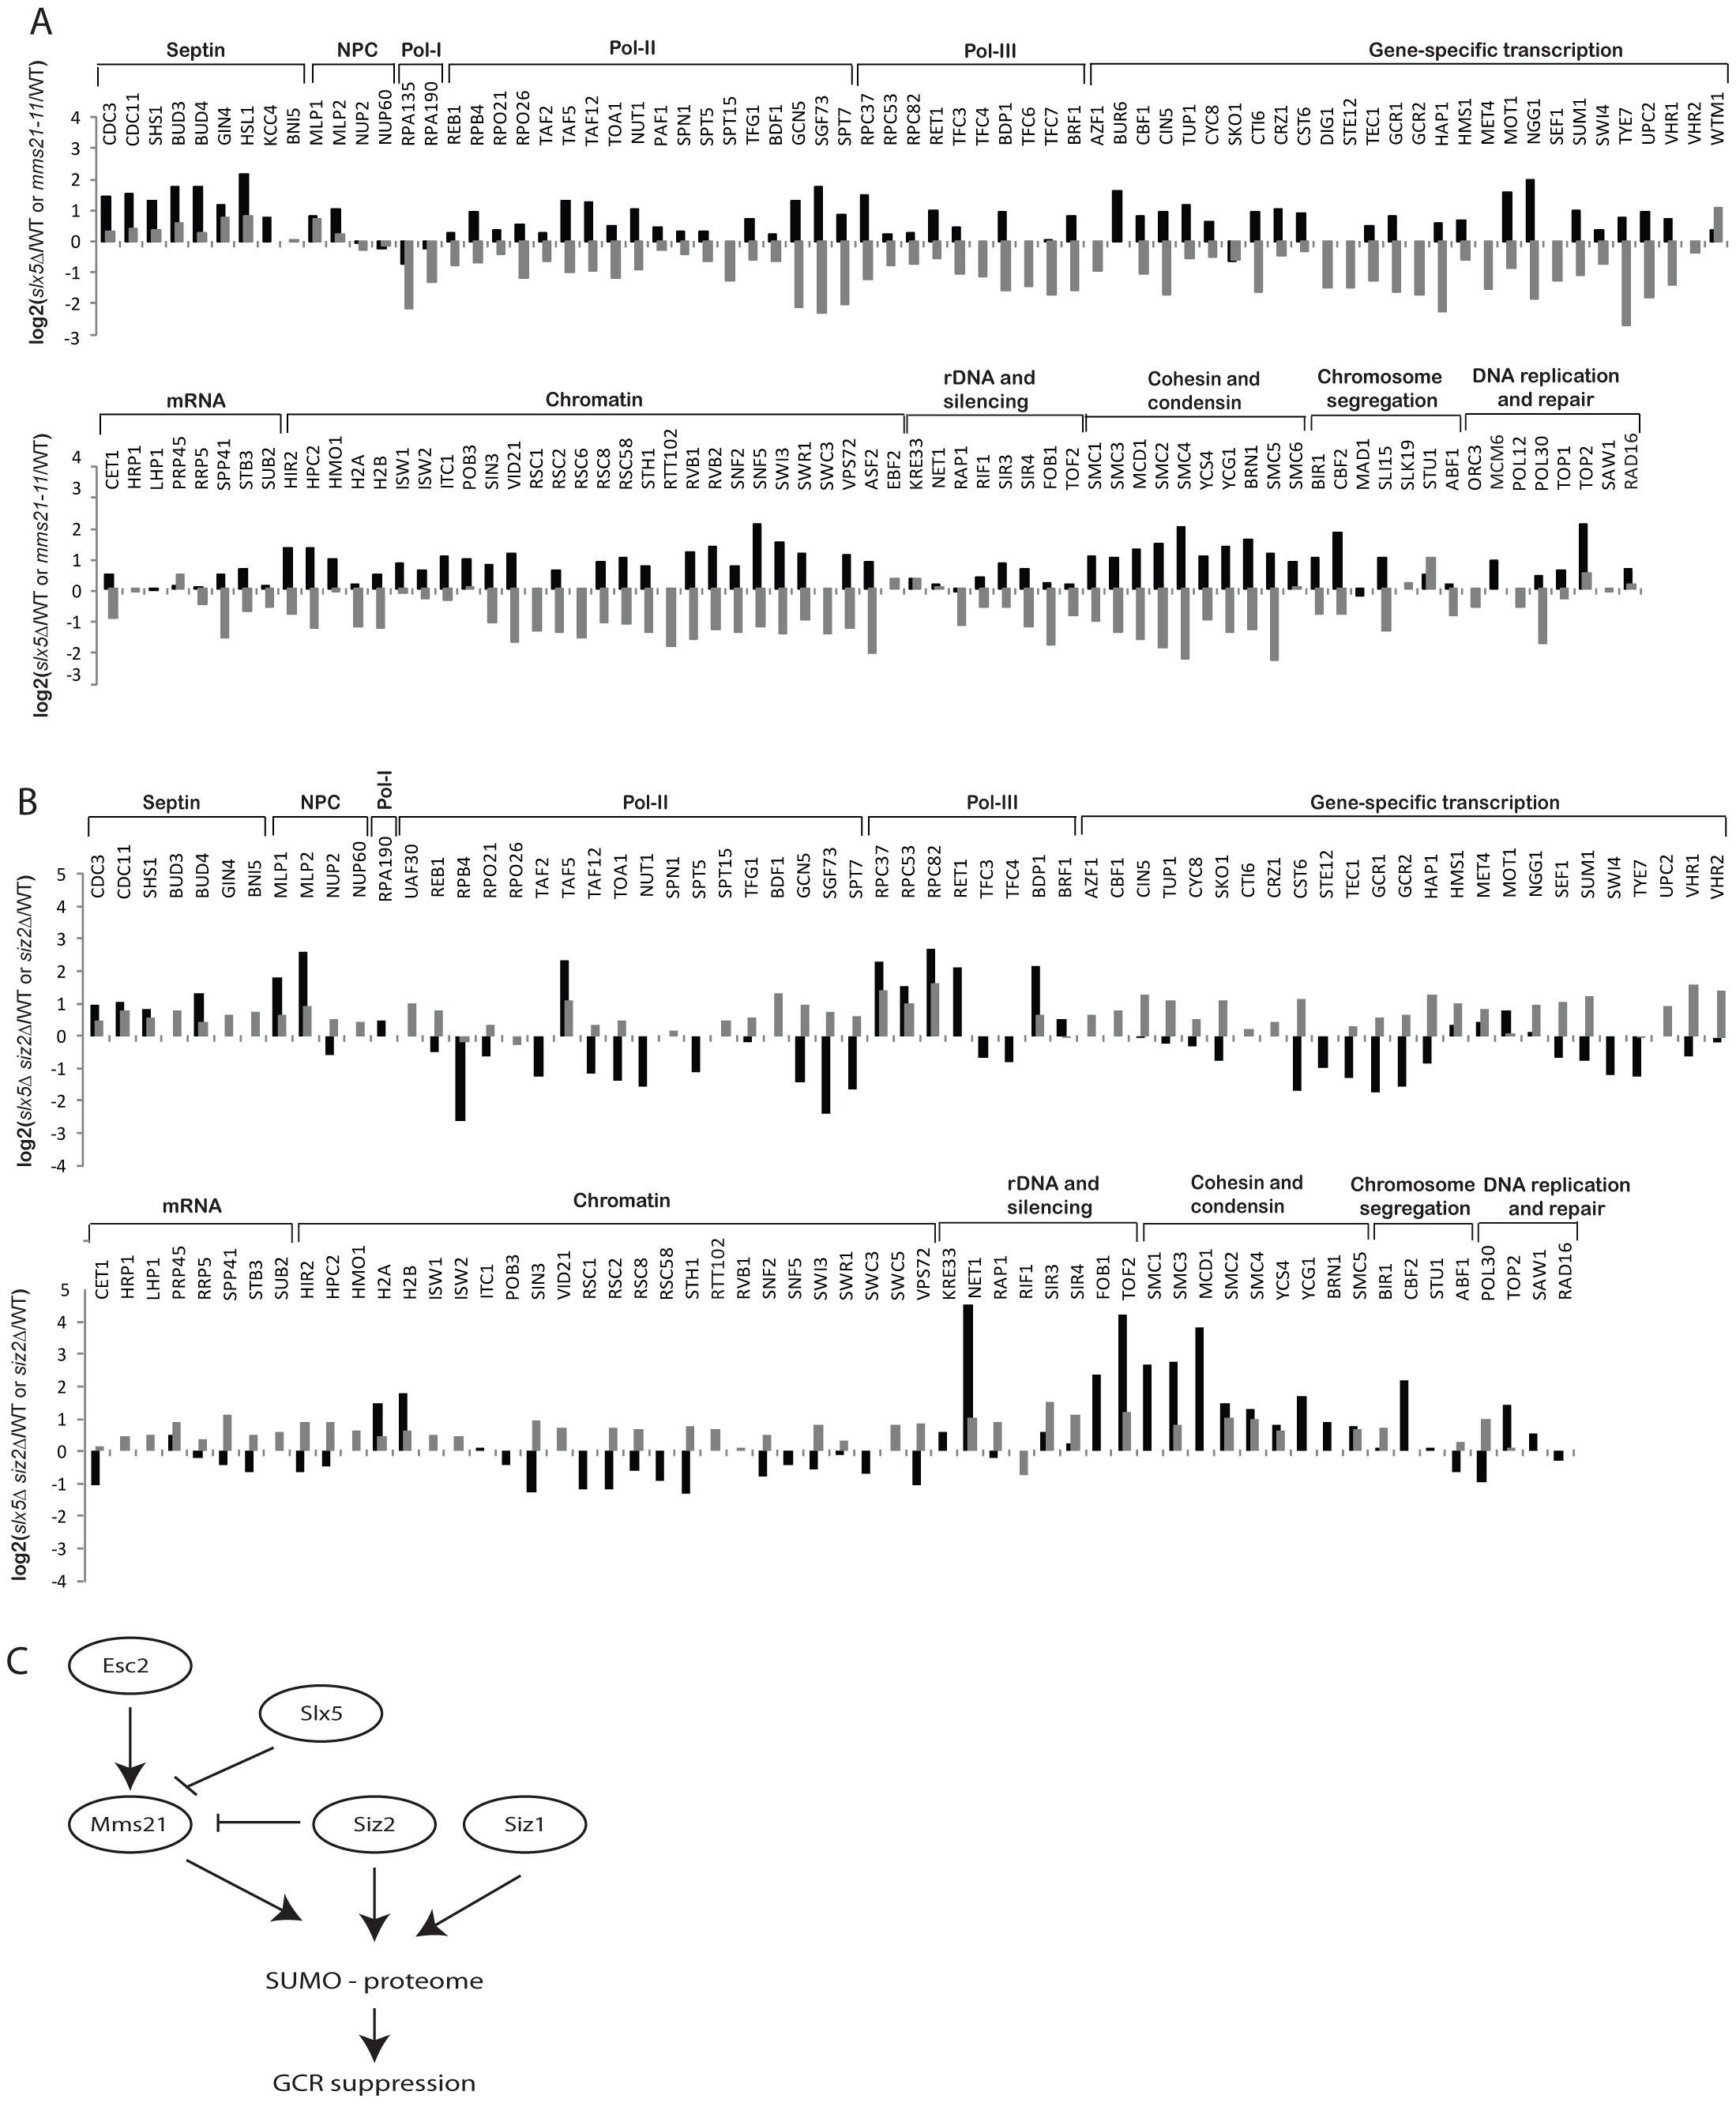 Effect of <i>slx5Δ</i> on the sumoylation of SUMO targets.